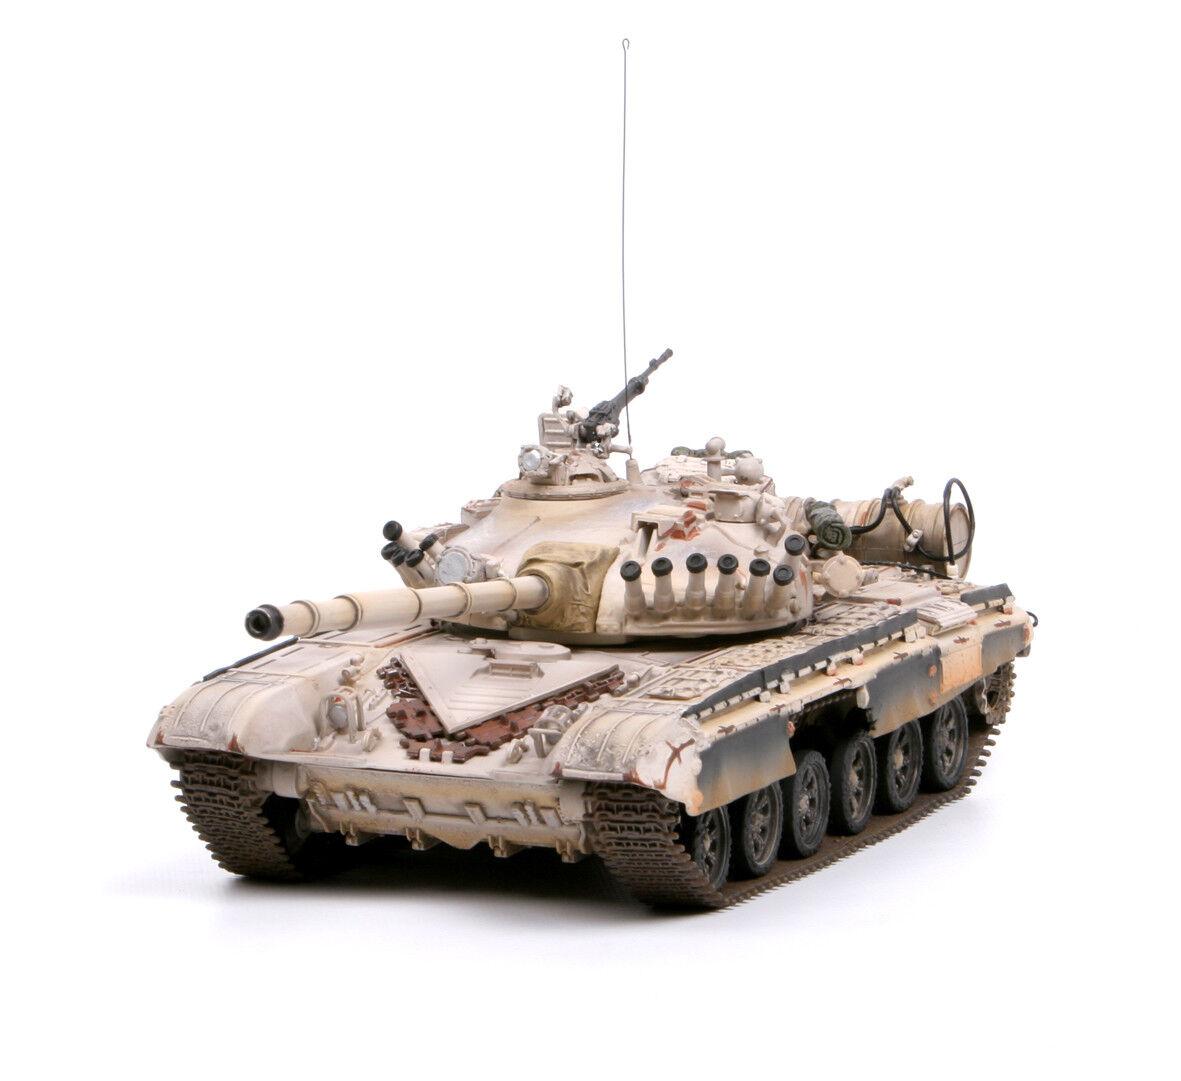 economico Forces of valor 1 32,       Extra Rare     Iraqi T-72, Art.  80015  negozio fa acquisti e vendite